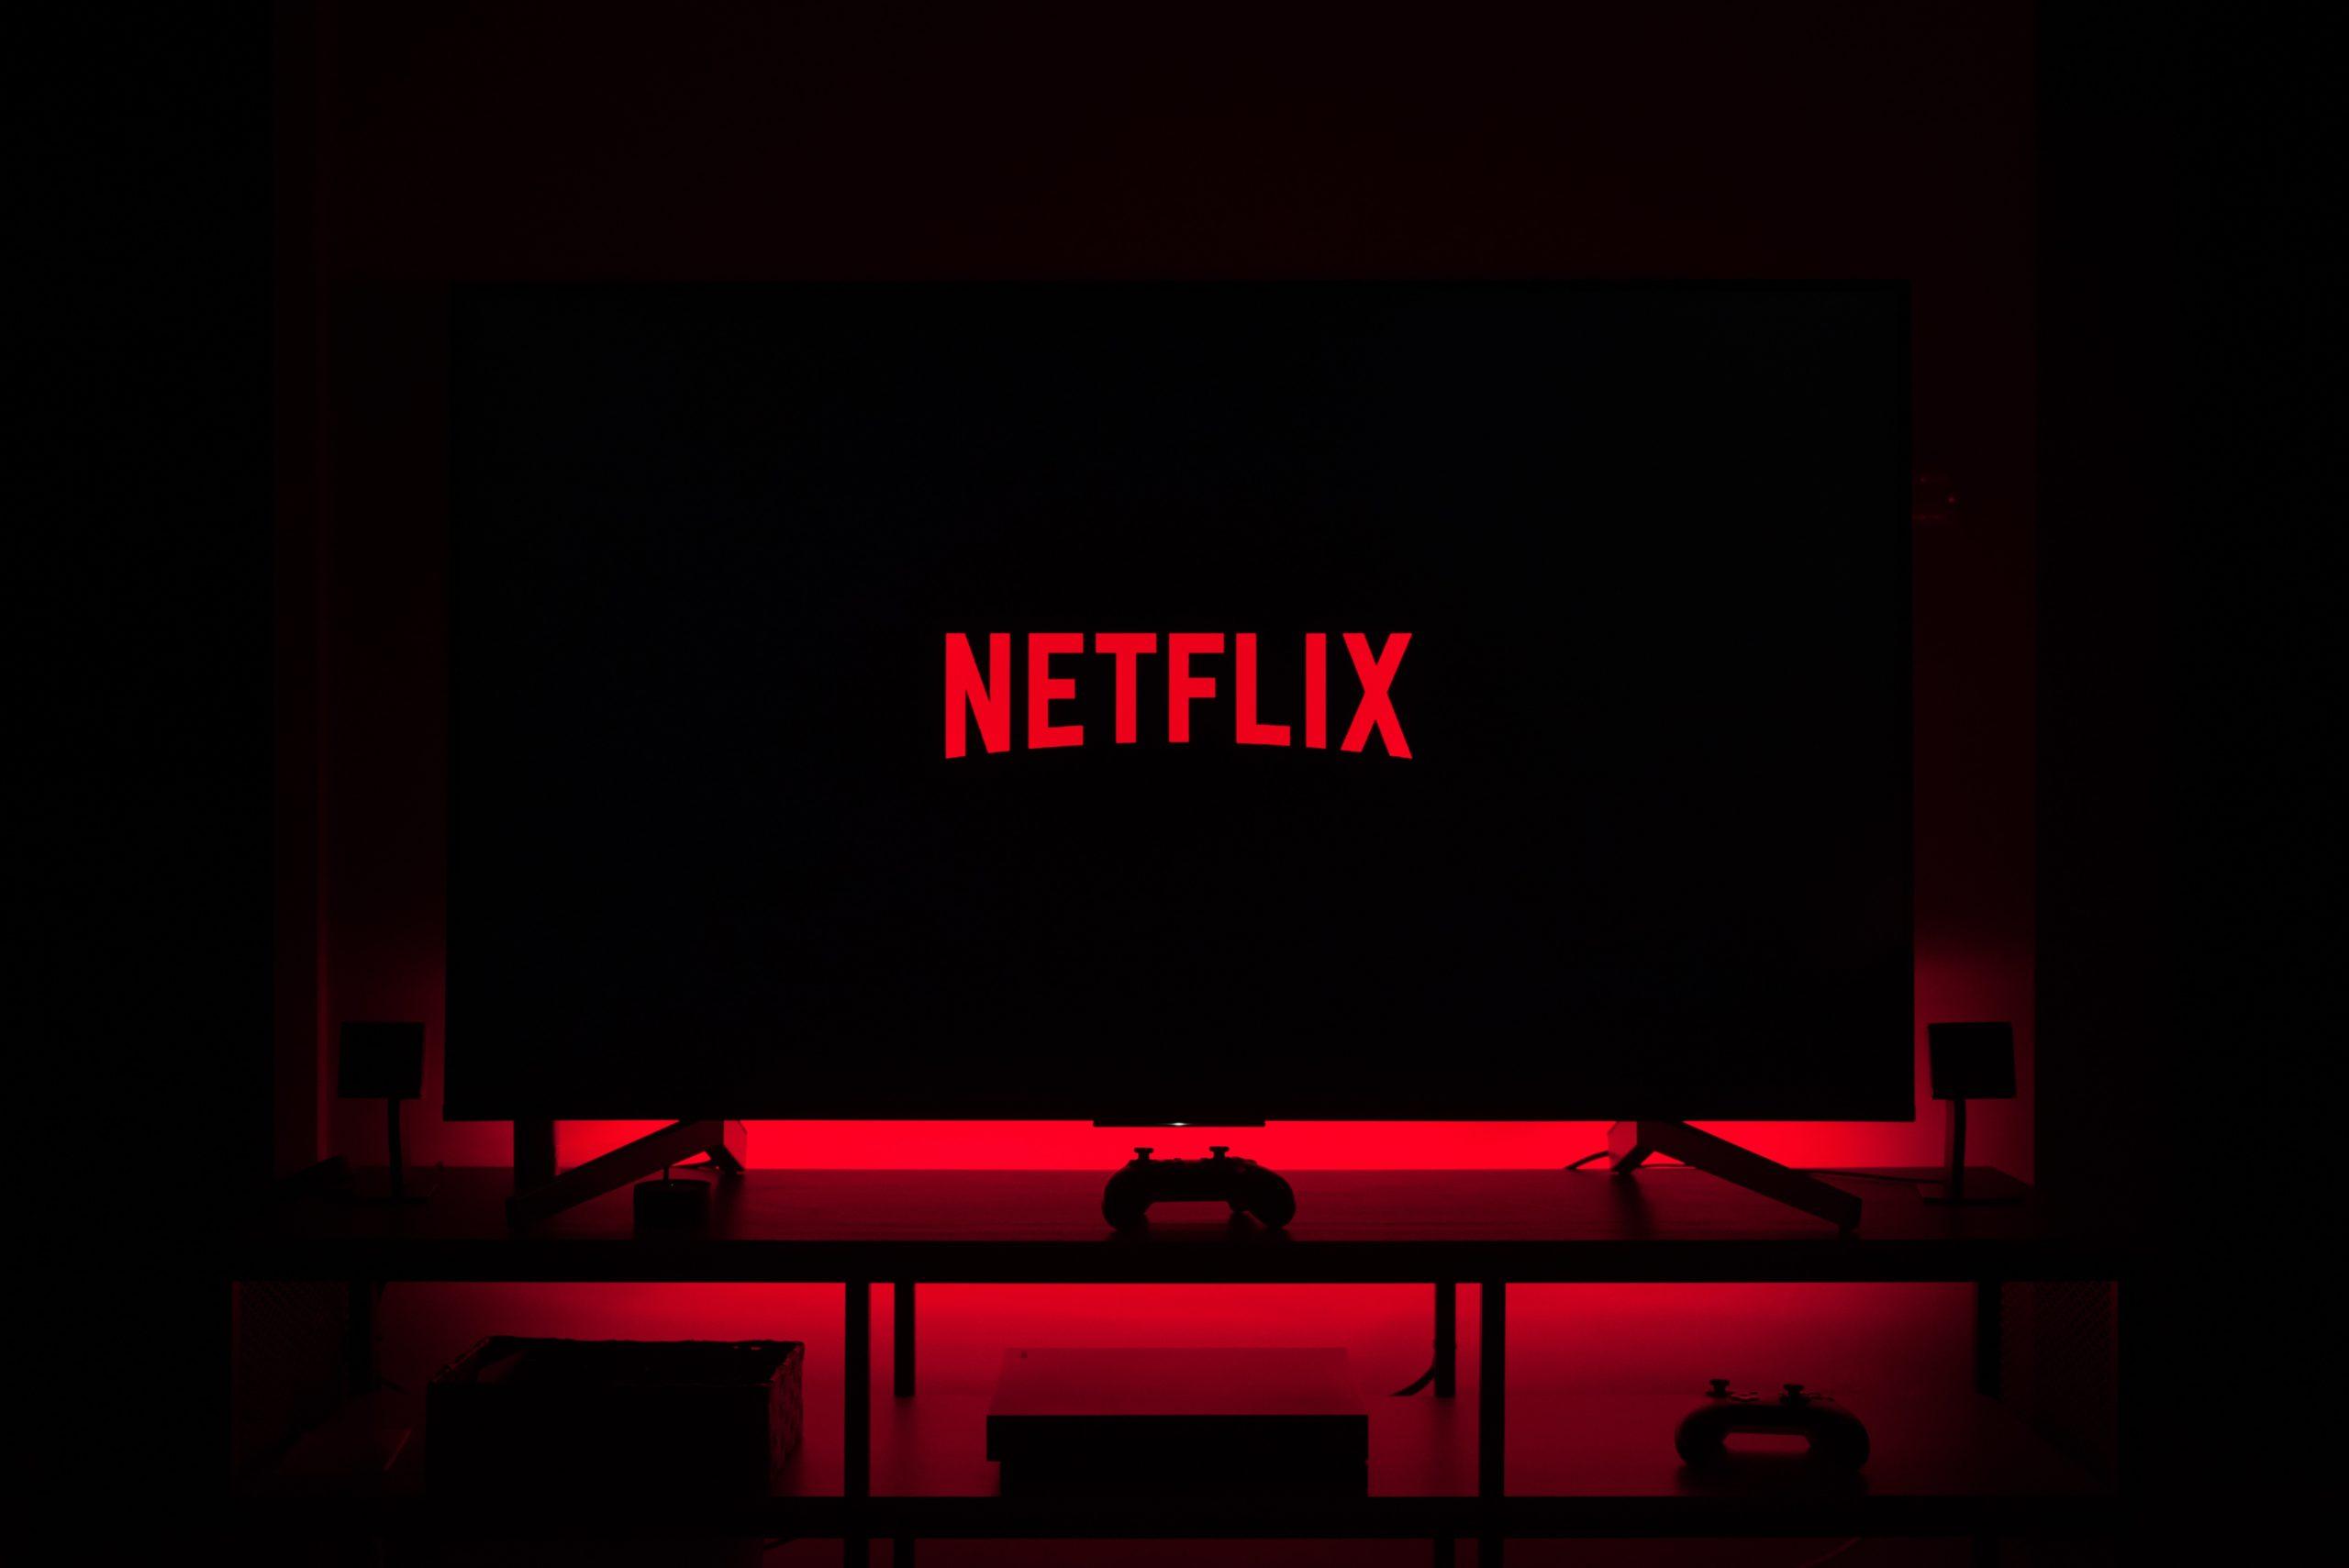 Netflix September 2021 South Africa